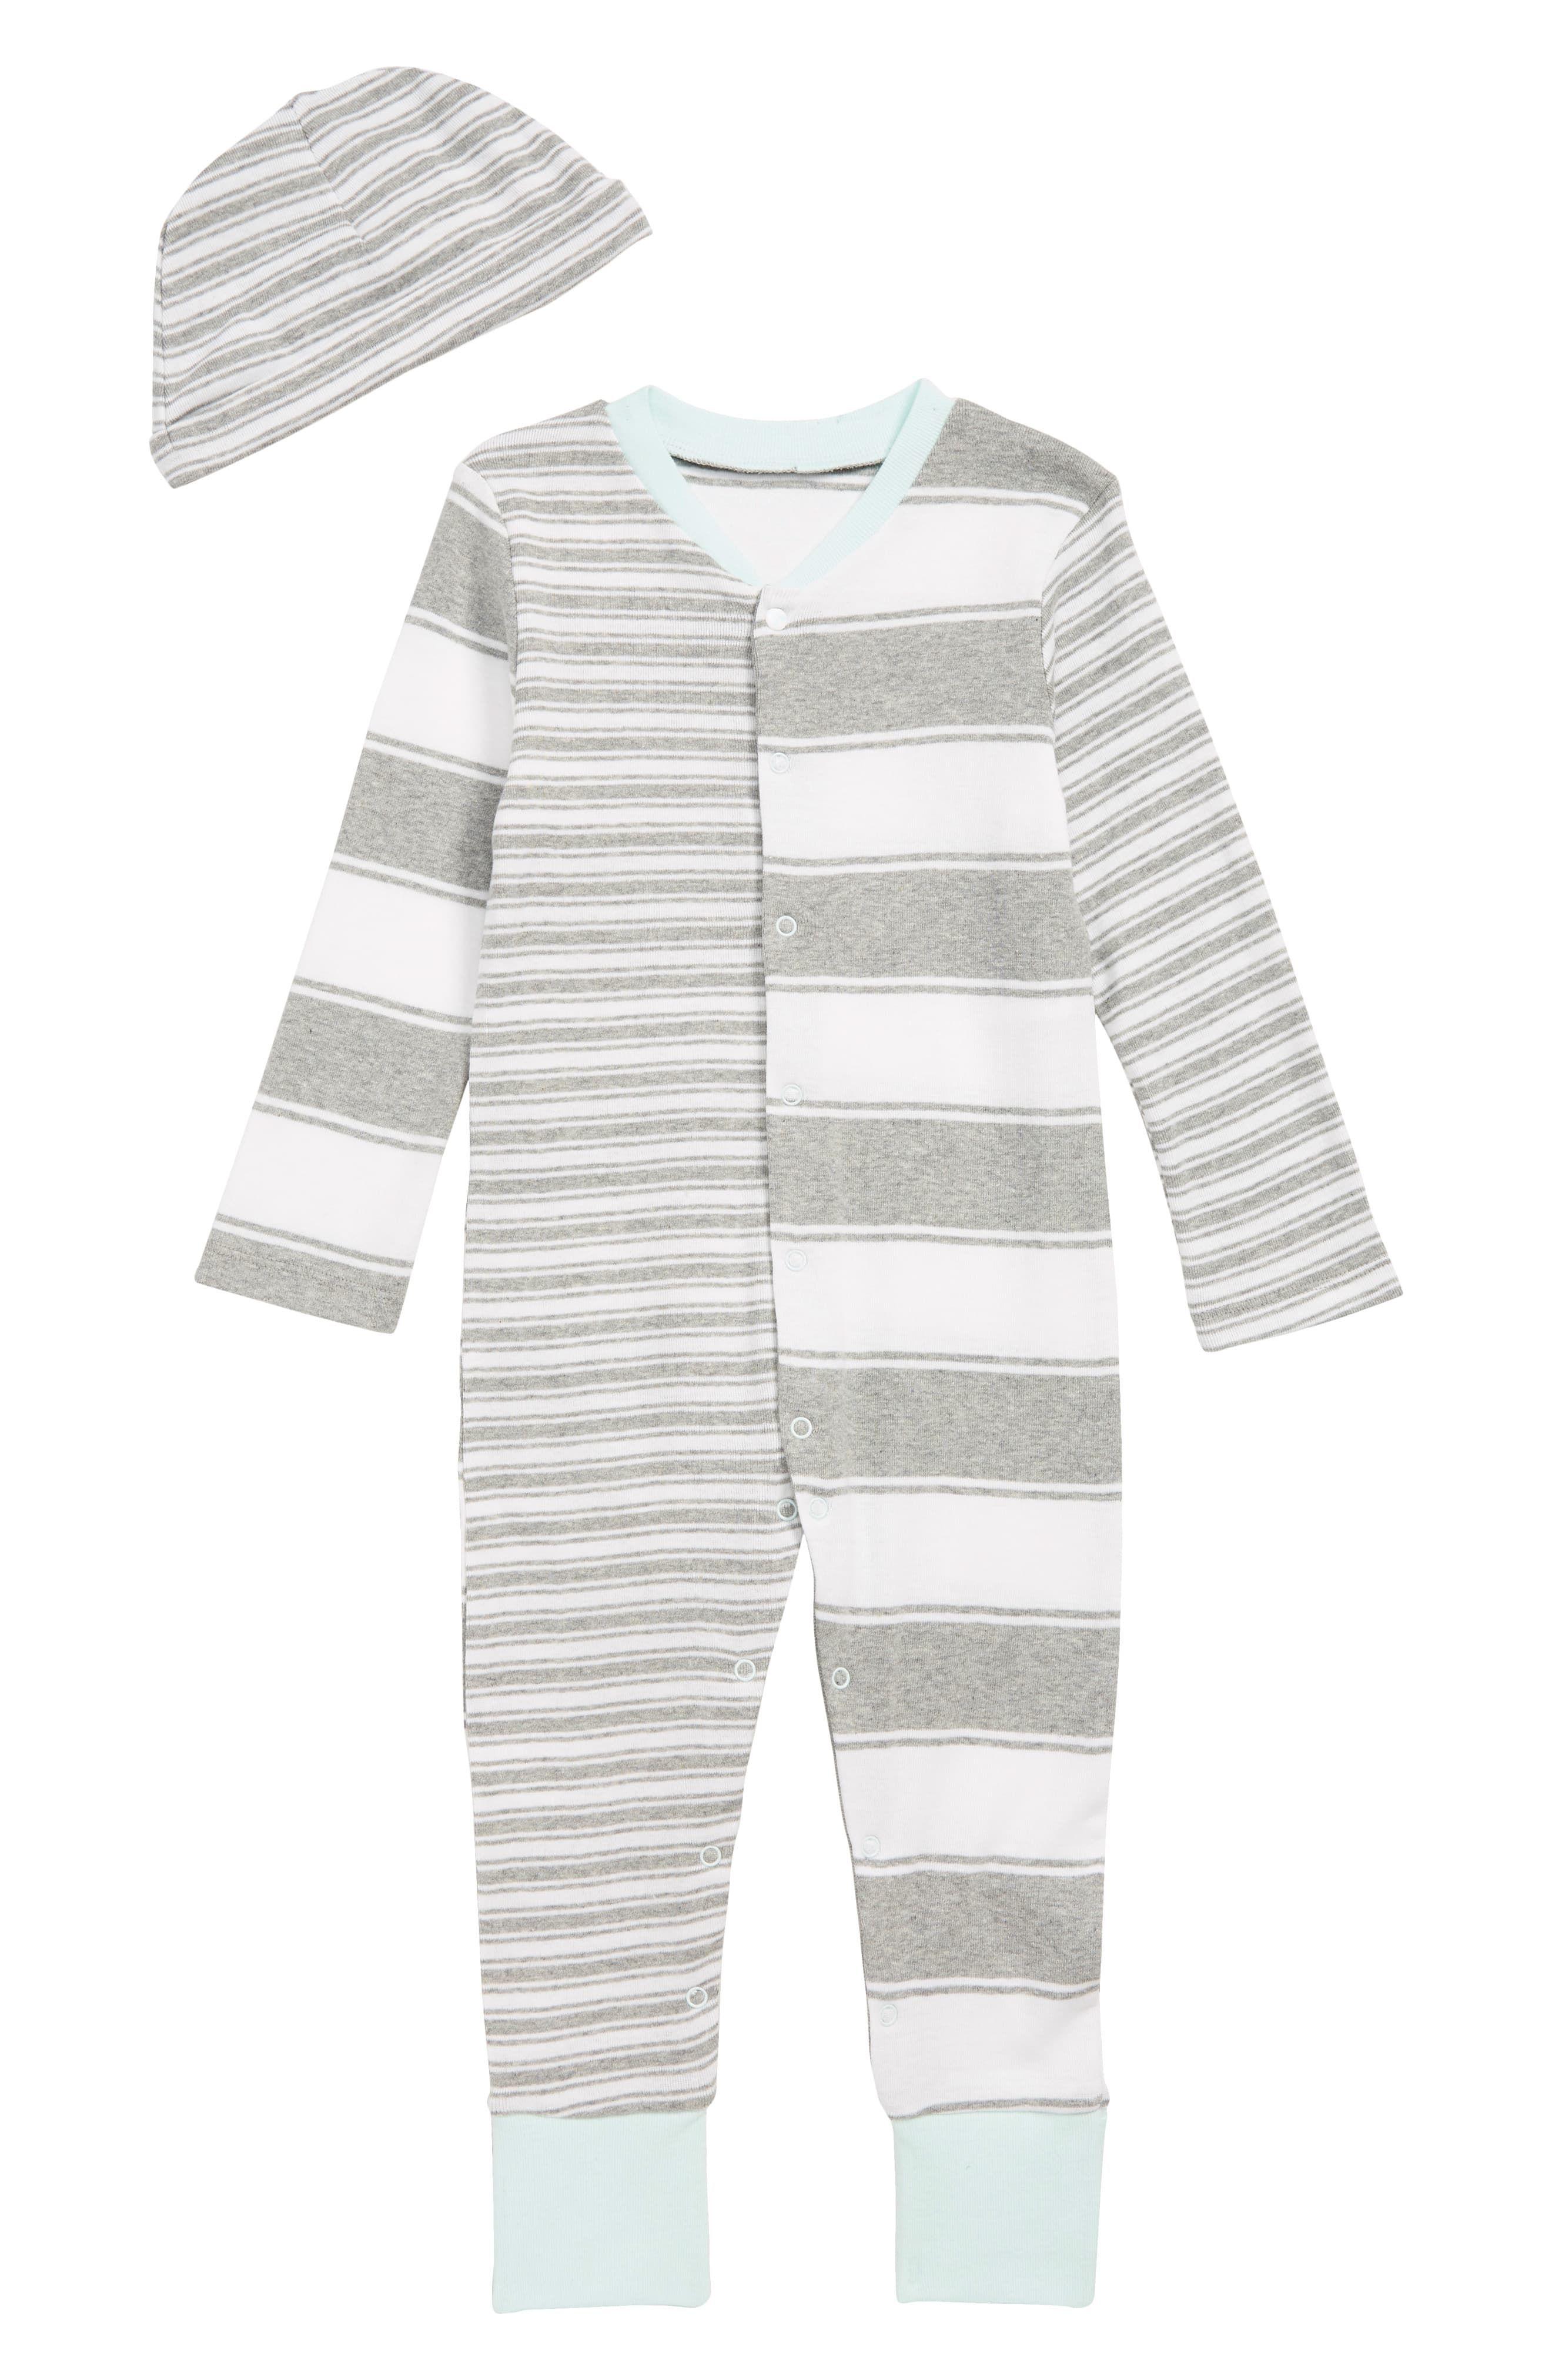 31d27e8c4eccf Infant Boy's Burt'S Bees Baby Peace Stripe Organic Cotton Romper & Hat Set,  Size 24M - Grey